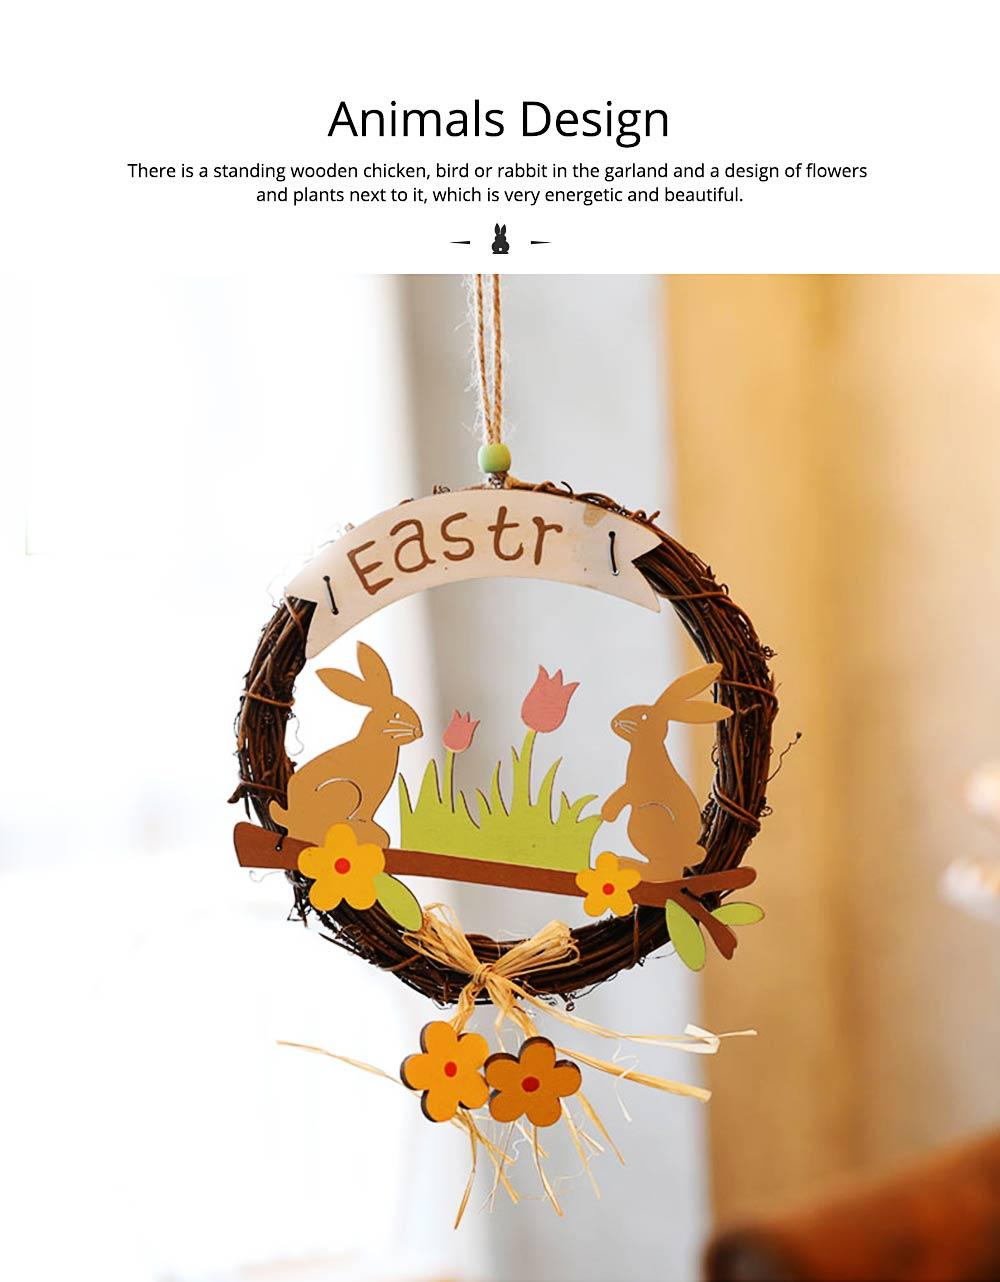 Easter Wreath Wood Bunny Chicks Eggs, Door Hanging Decorations Pendant Props 2